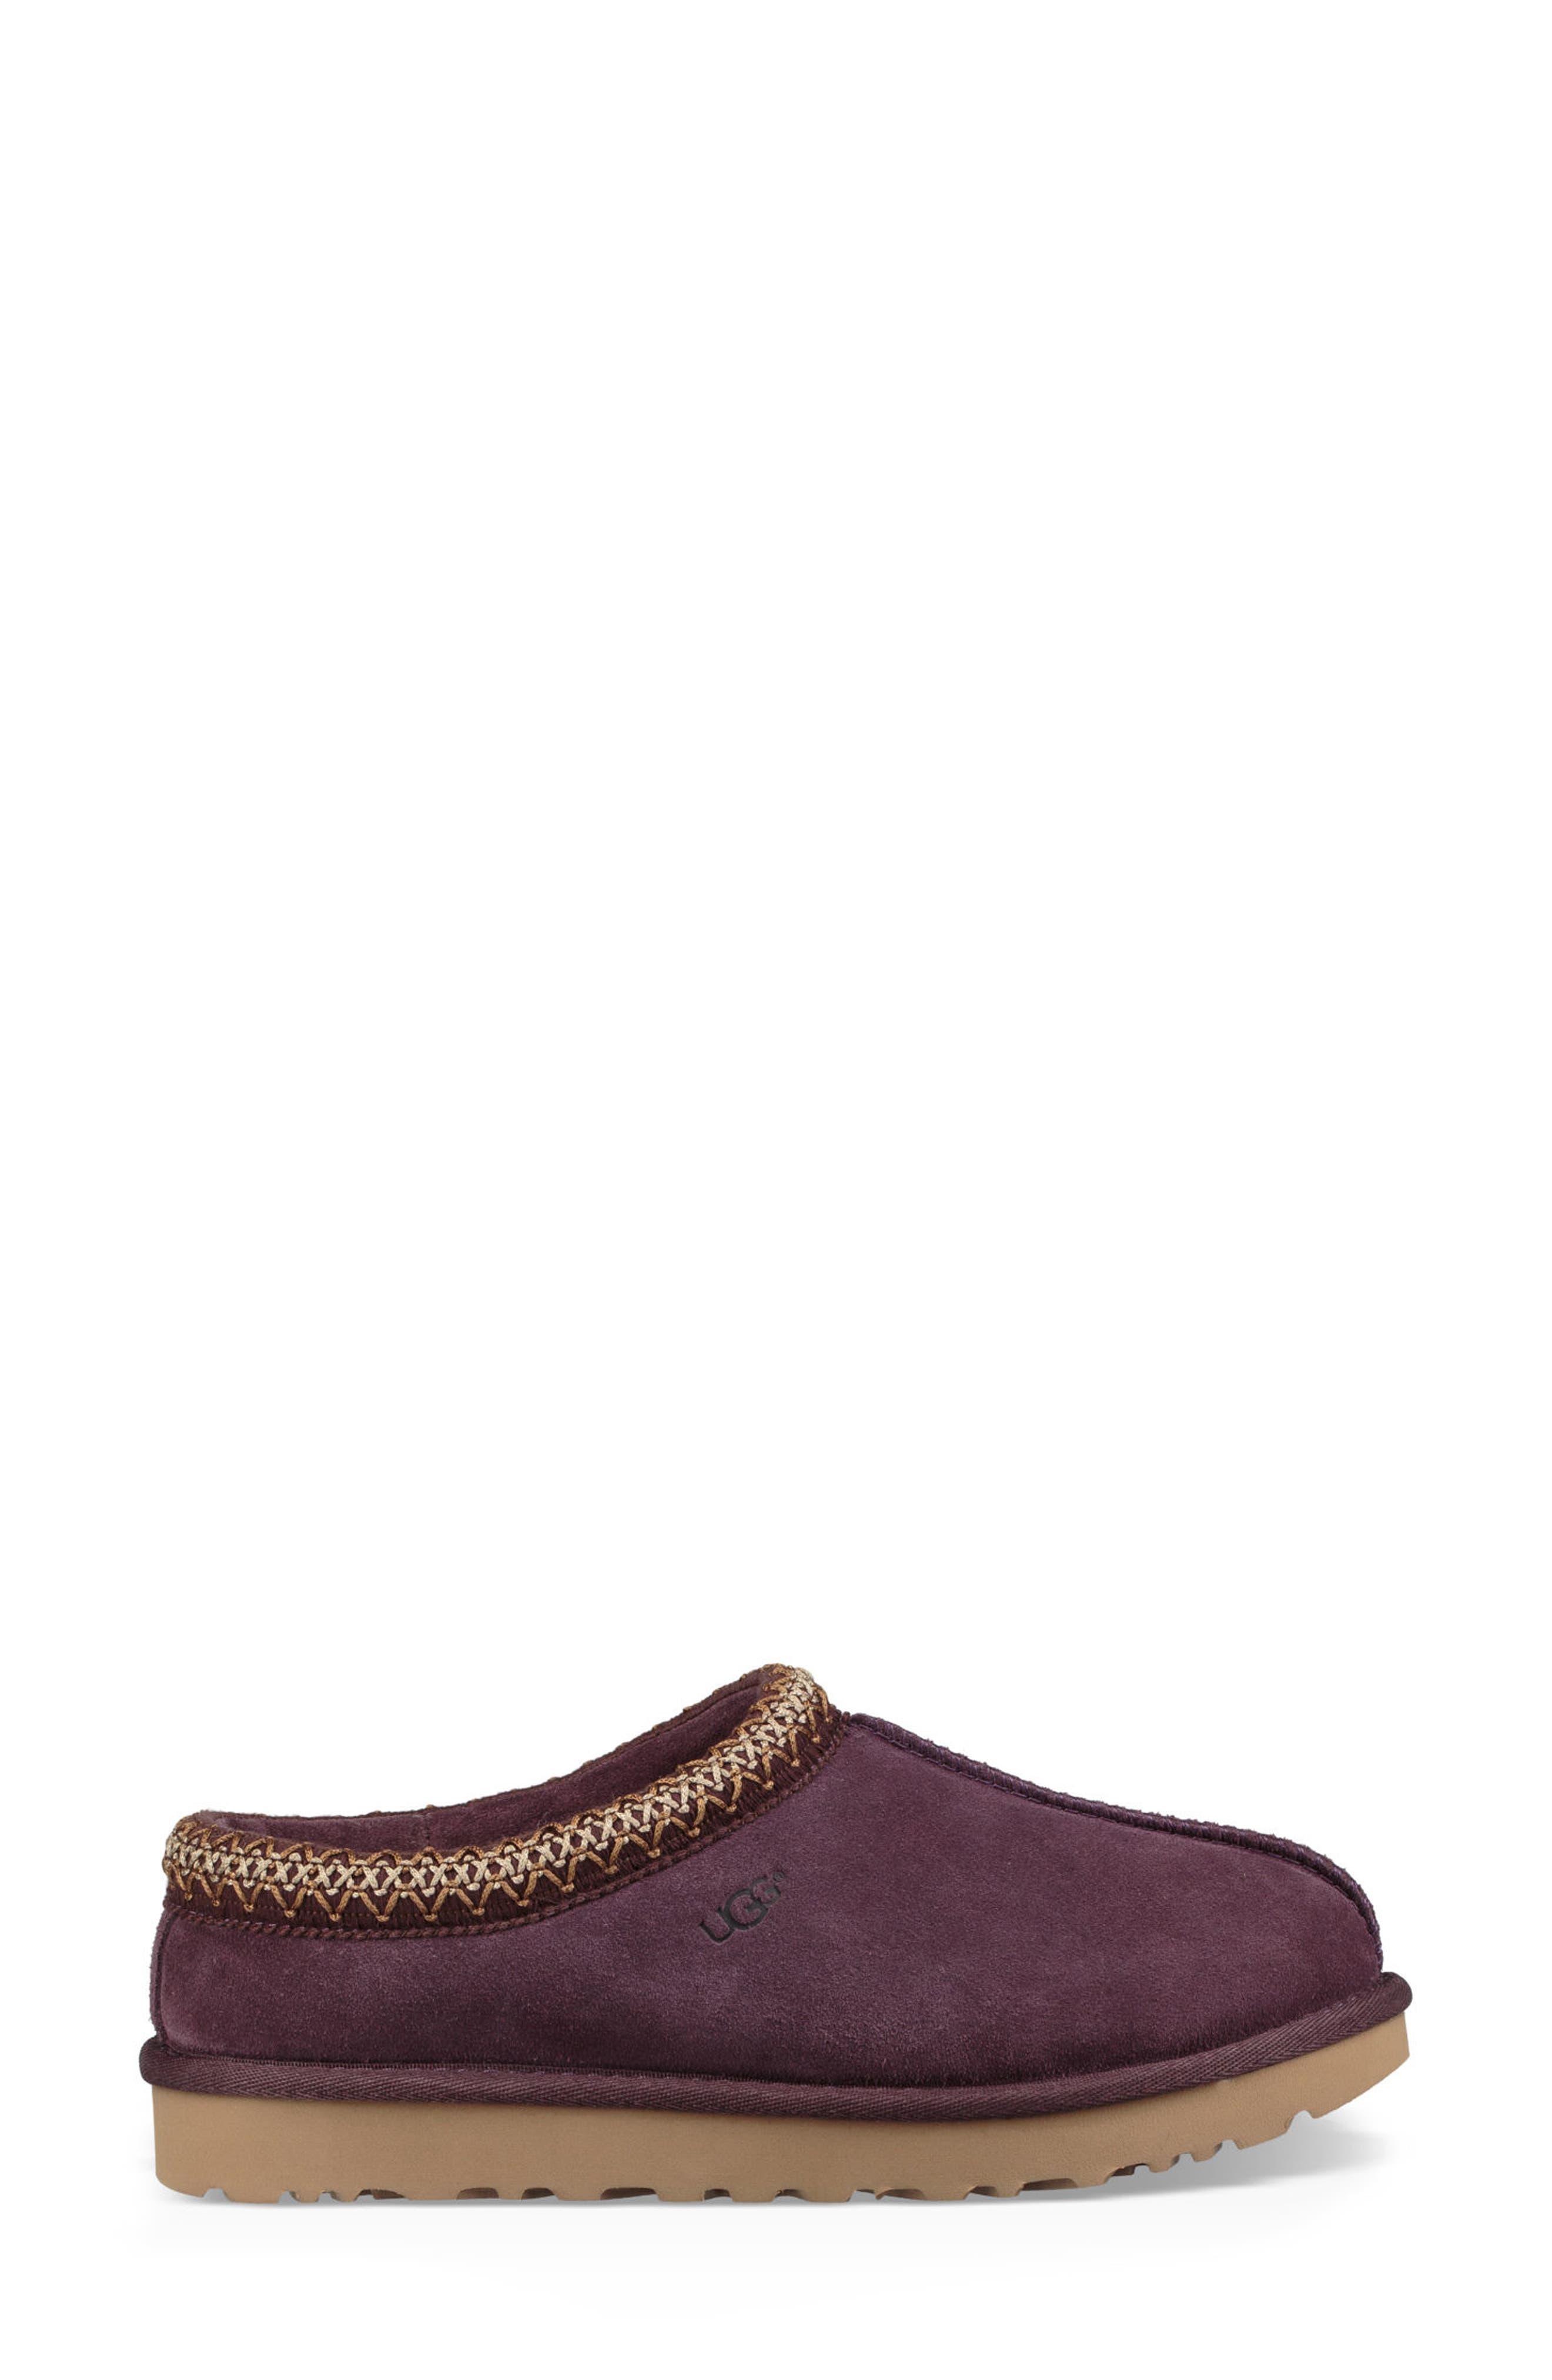 'Tasman' Slipper,                             Alternate thumbnail 4, color,                             Port Leather